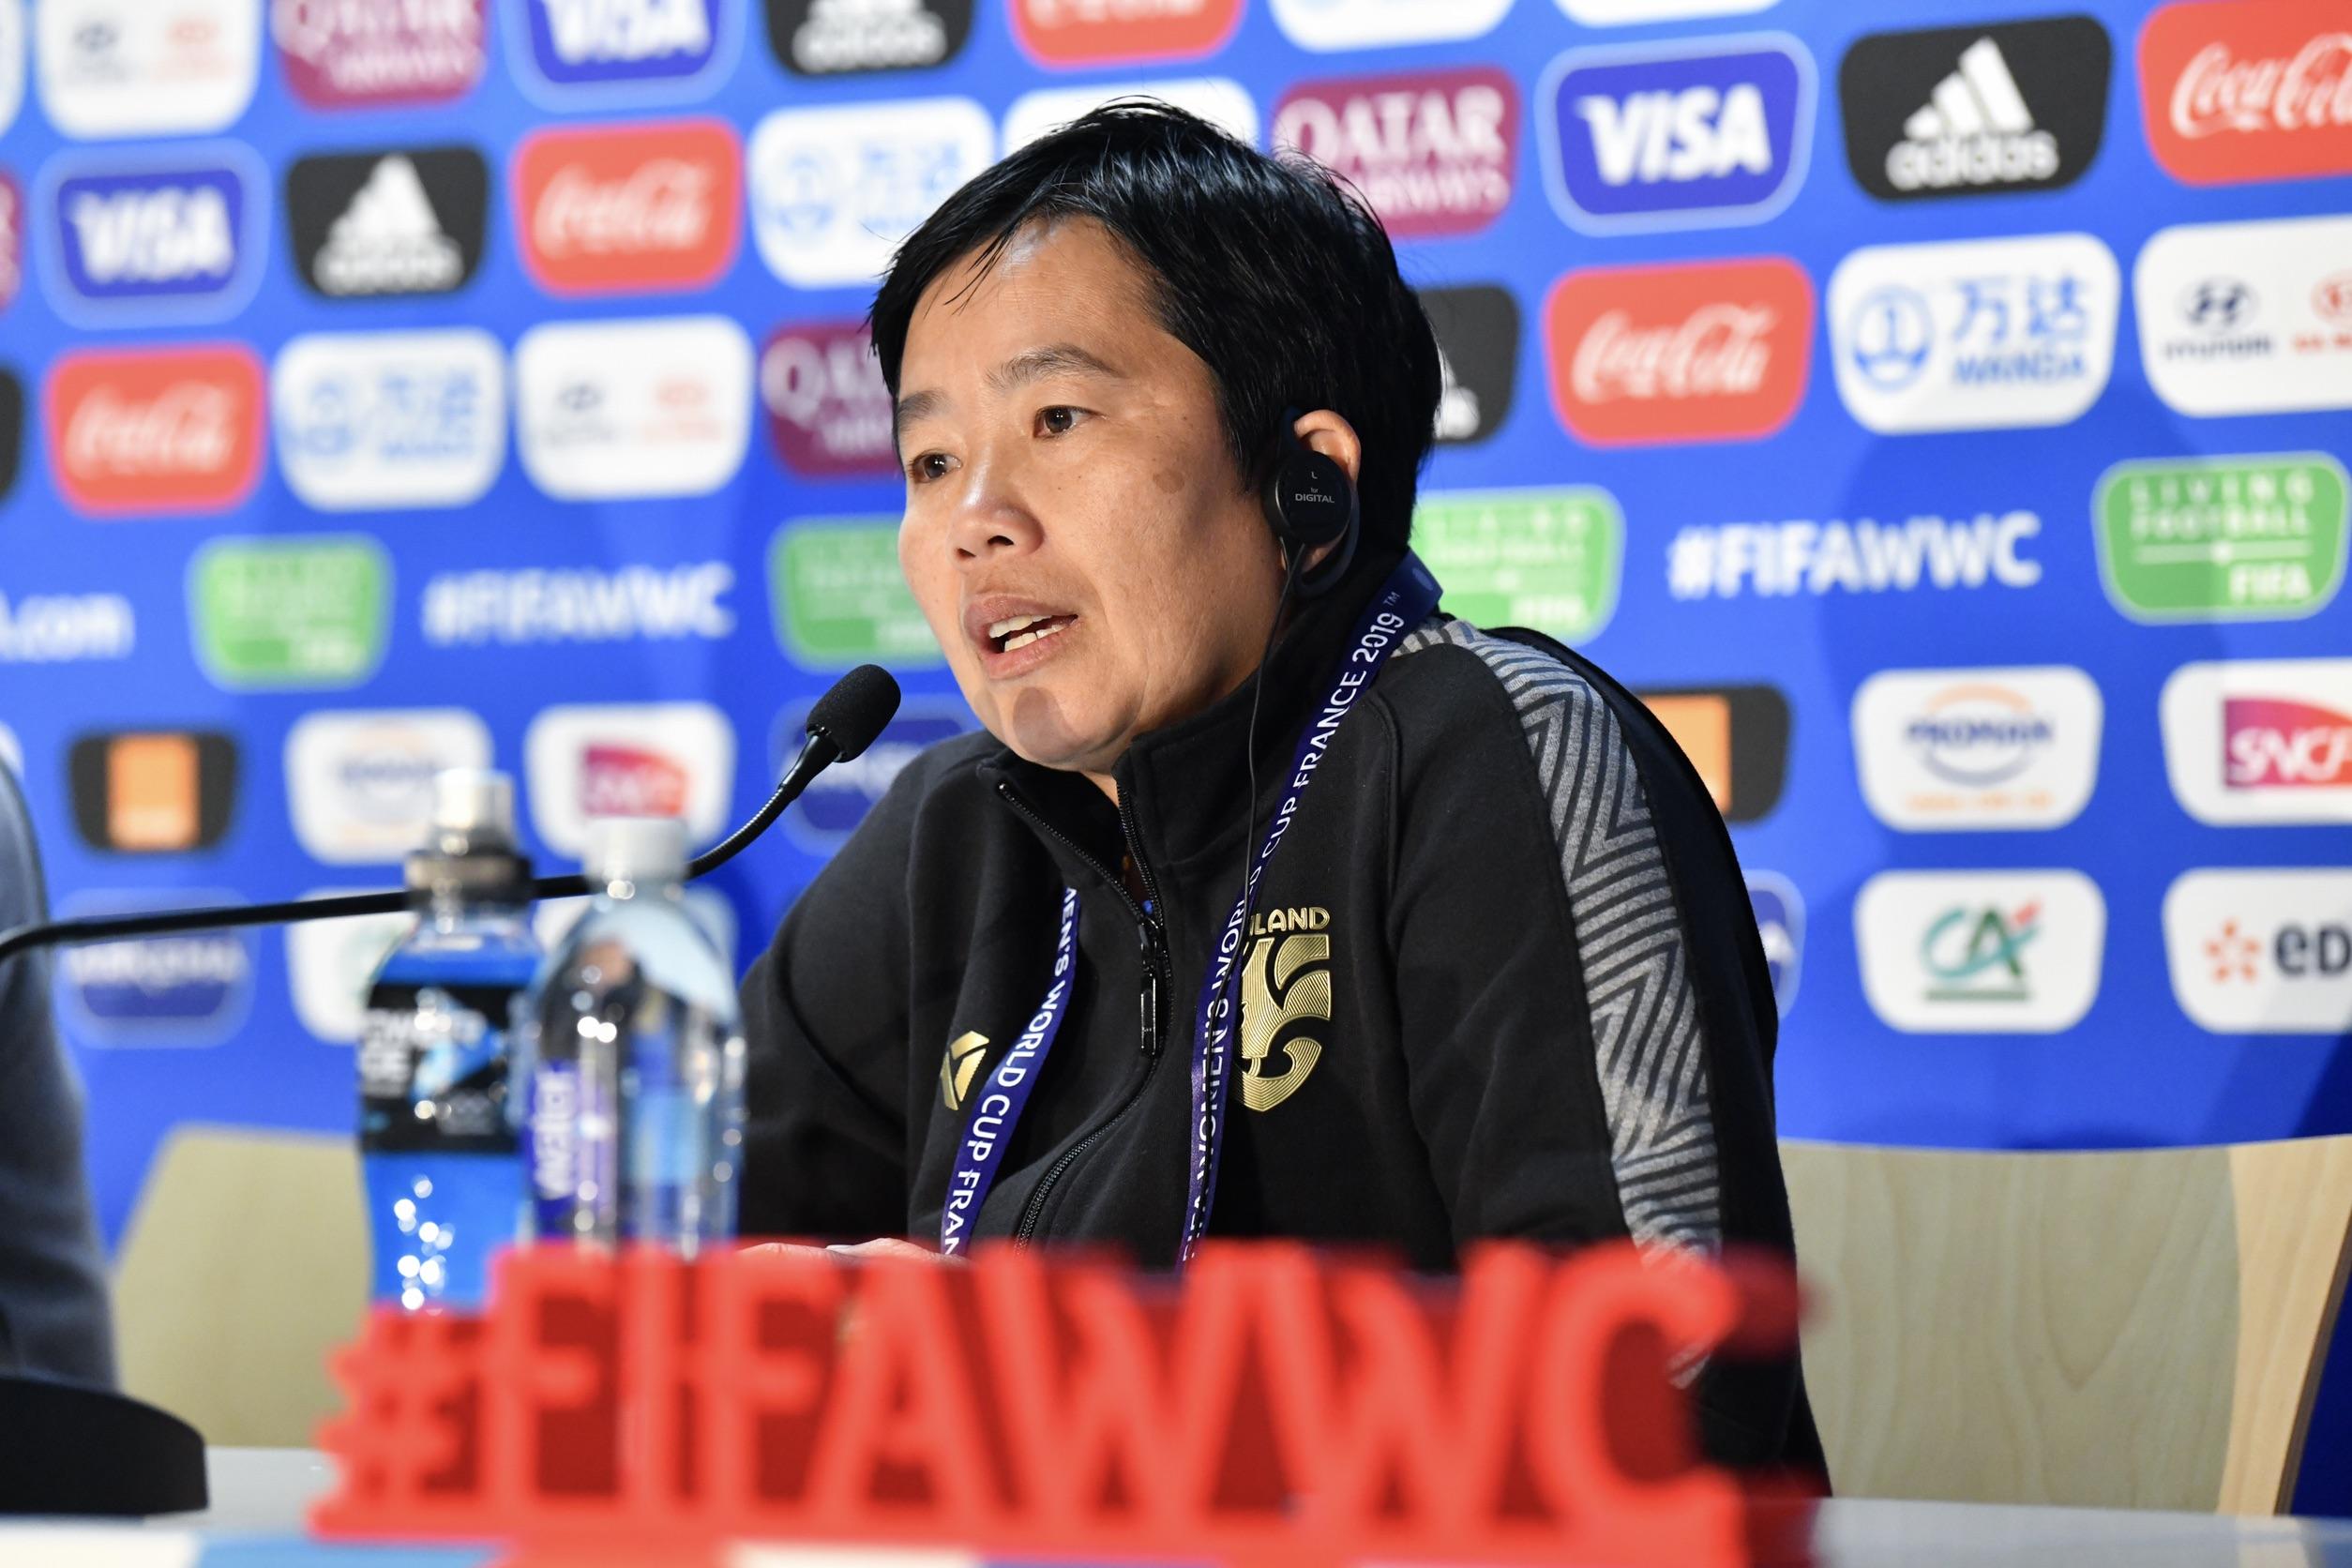 ทีมชาติสหรัฐอเมริกา ฟุตบอลหญิงชิงแชมป์โลก 2019 ฟุตบอลหญิงทีมชาติไทย หนึ่งฤทัย สระทองเวียน